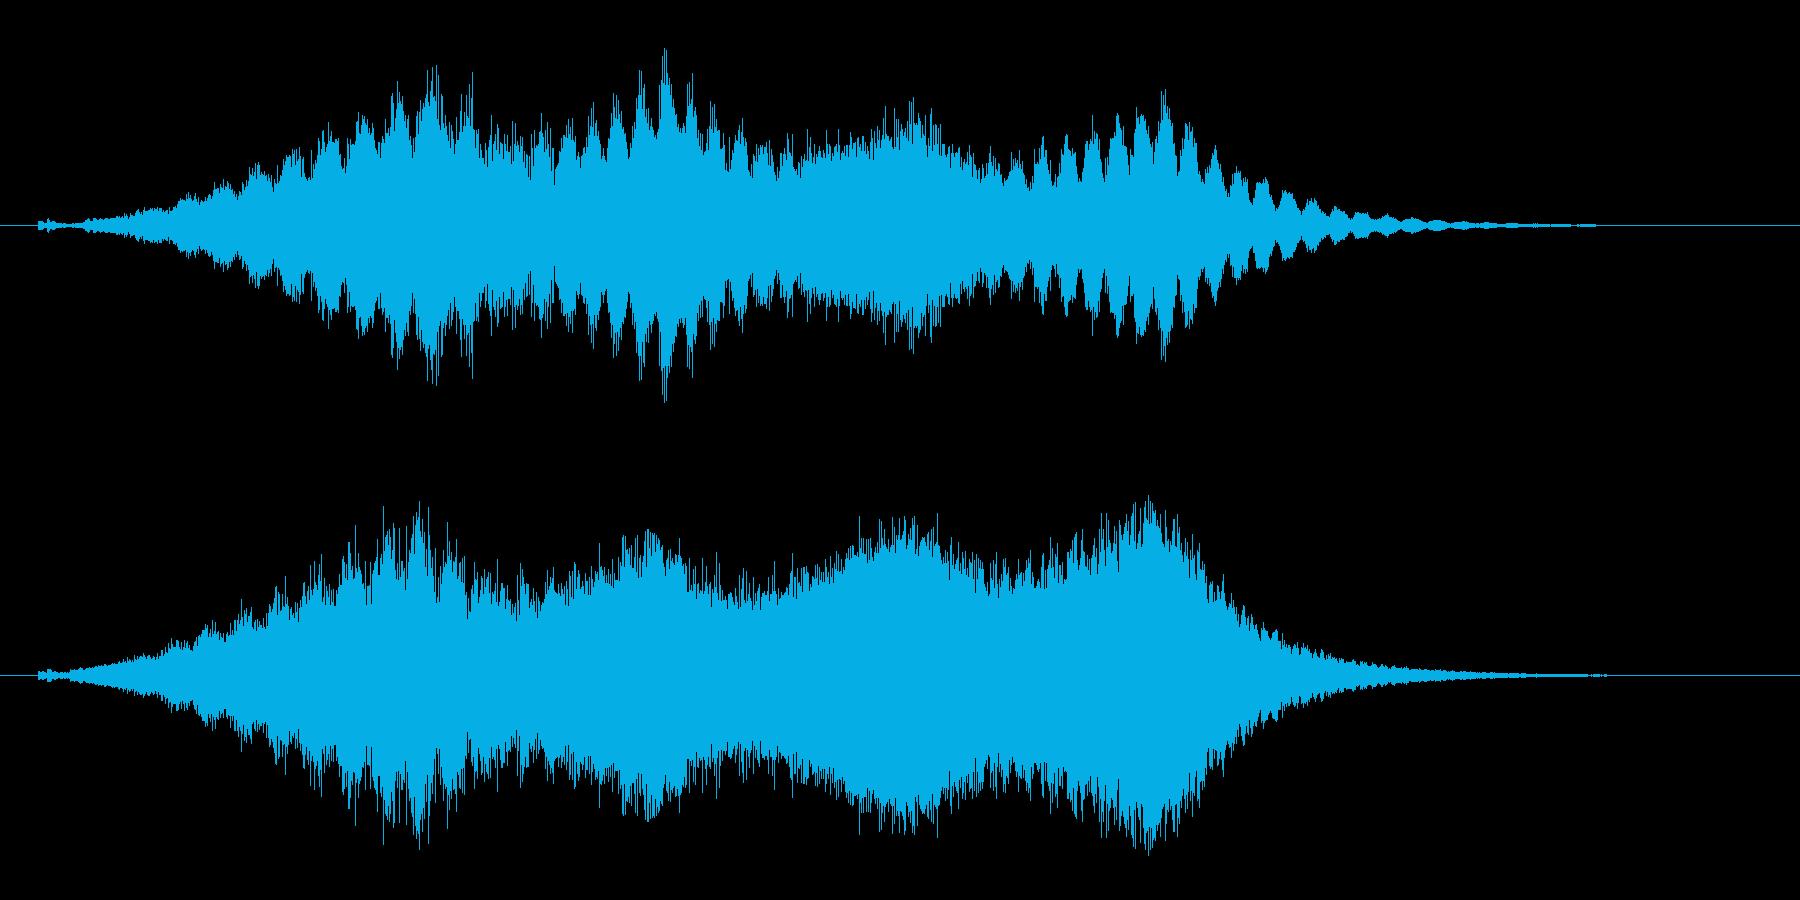 占う 水晶を覗く効果音 タロットカード の再生済みの波形